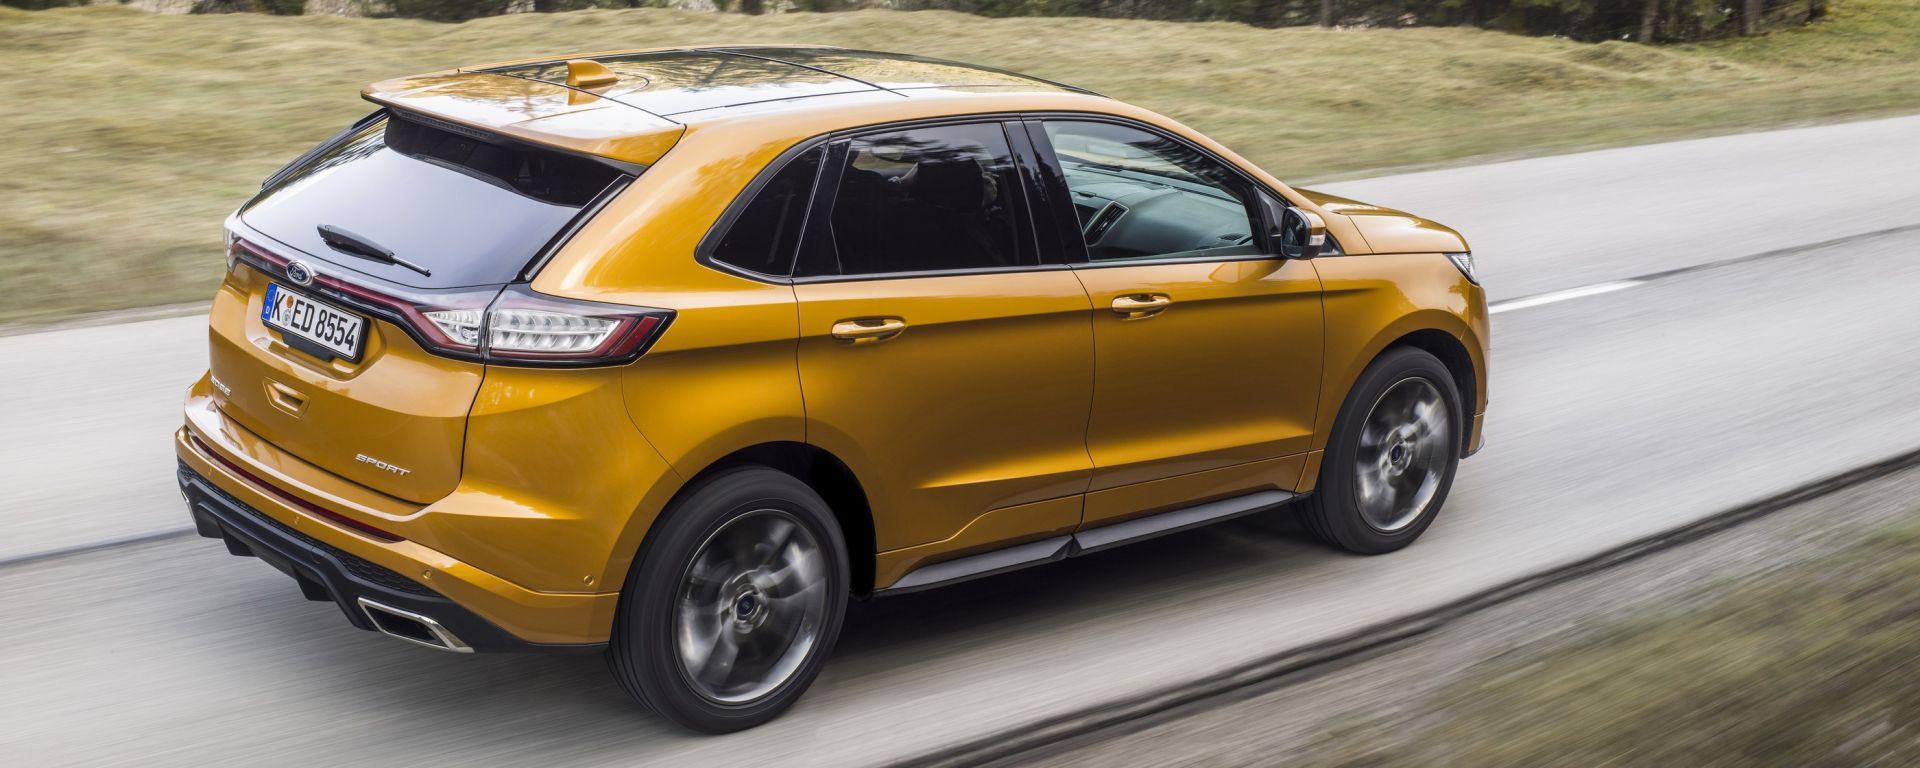 Ford Edge: come è fatta e come va